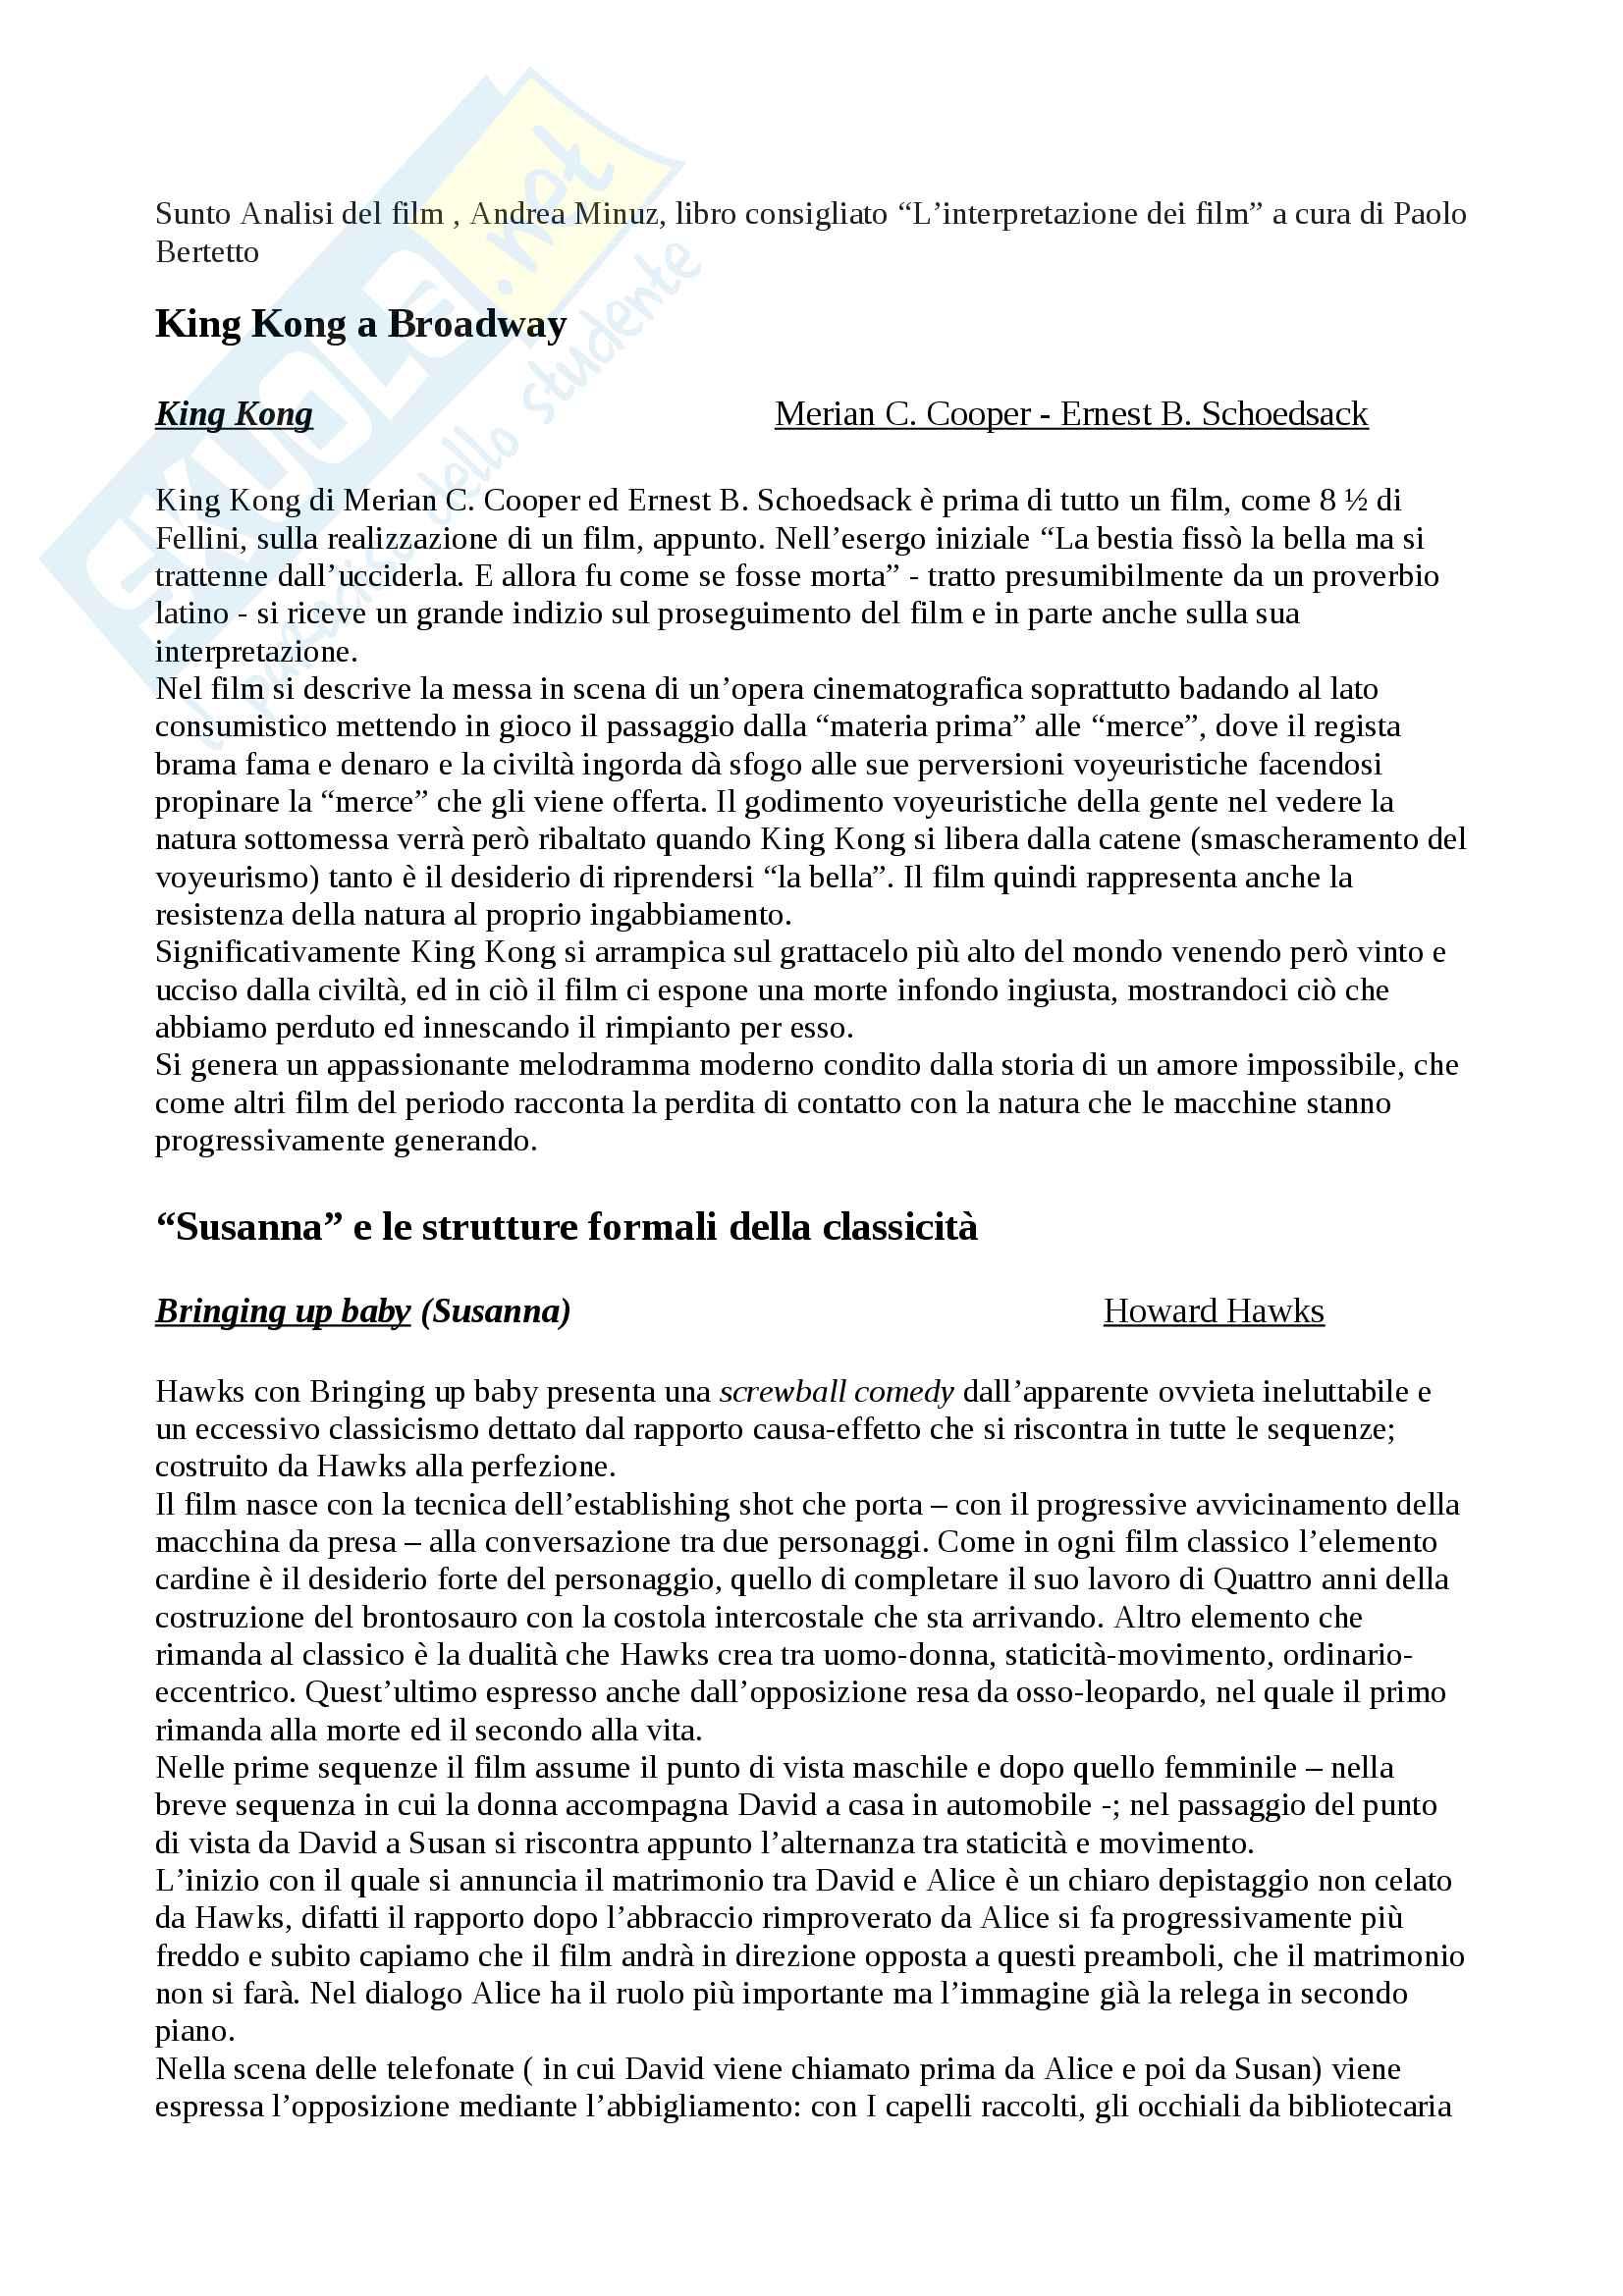 Riassunto esame Analisi del film, prof. Andrea Minuz, libro consigliato L'interpretazione dei film a cura di Paolo Bertetto